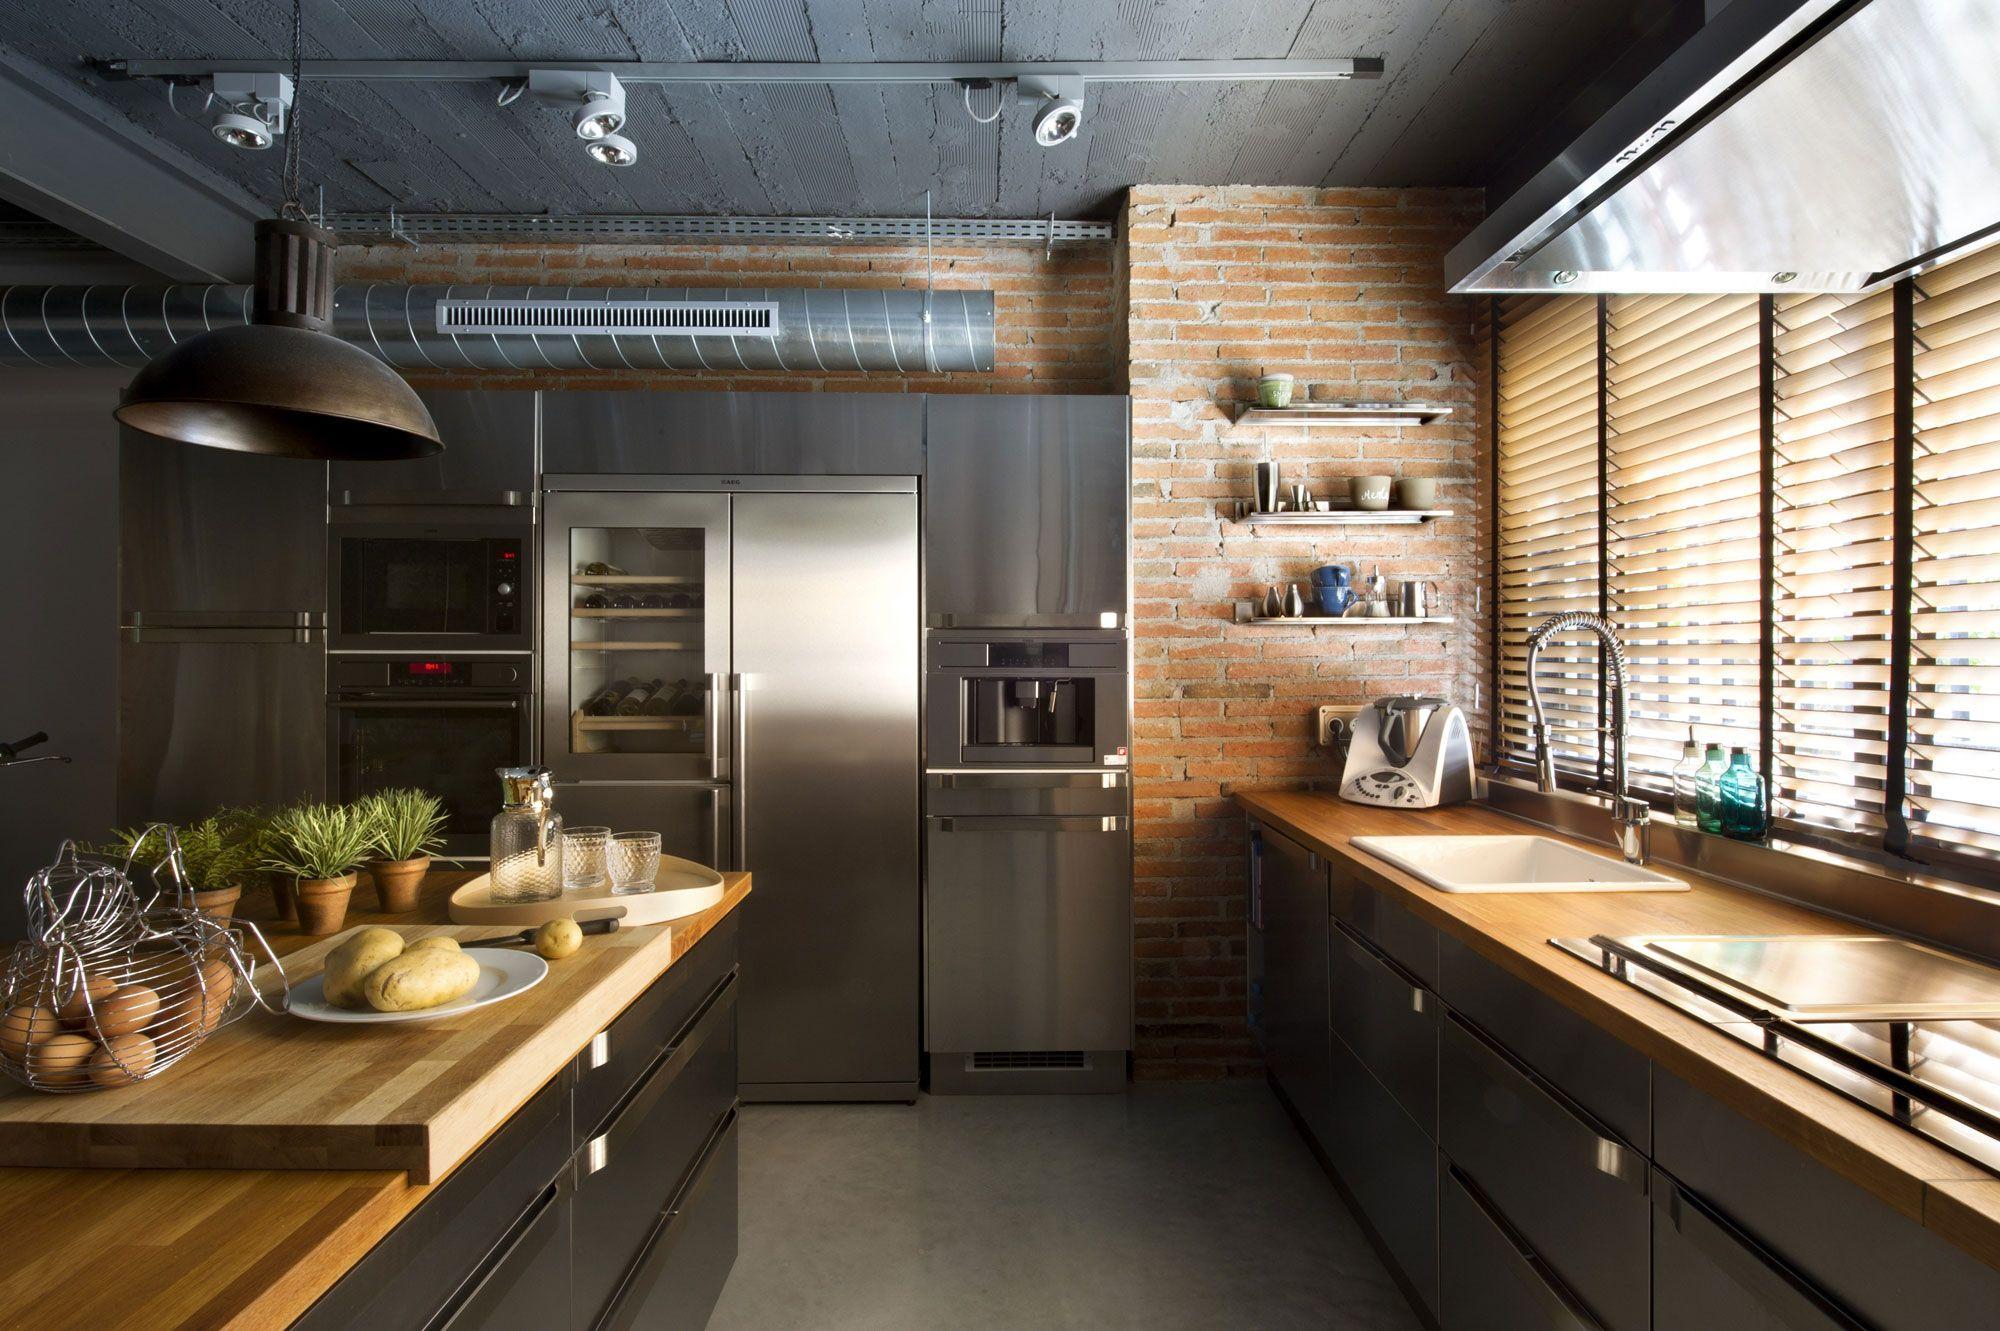 reforma #cocina abierta en local rehabilitado con muebles y módulo ...